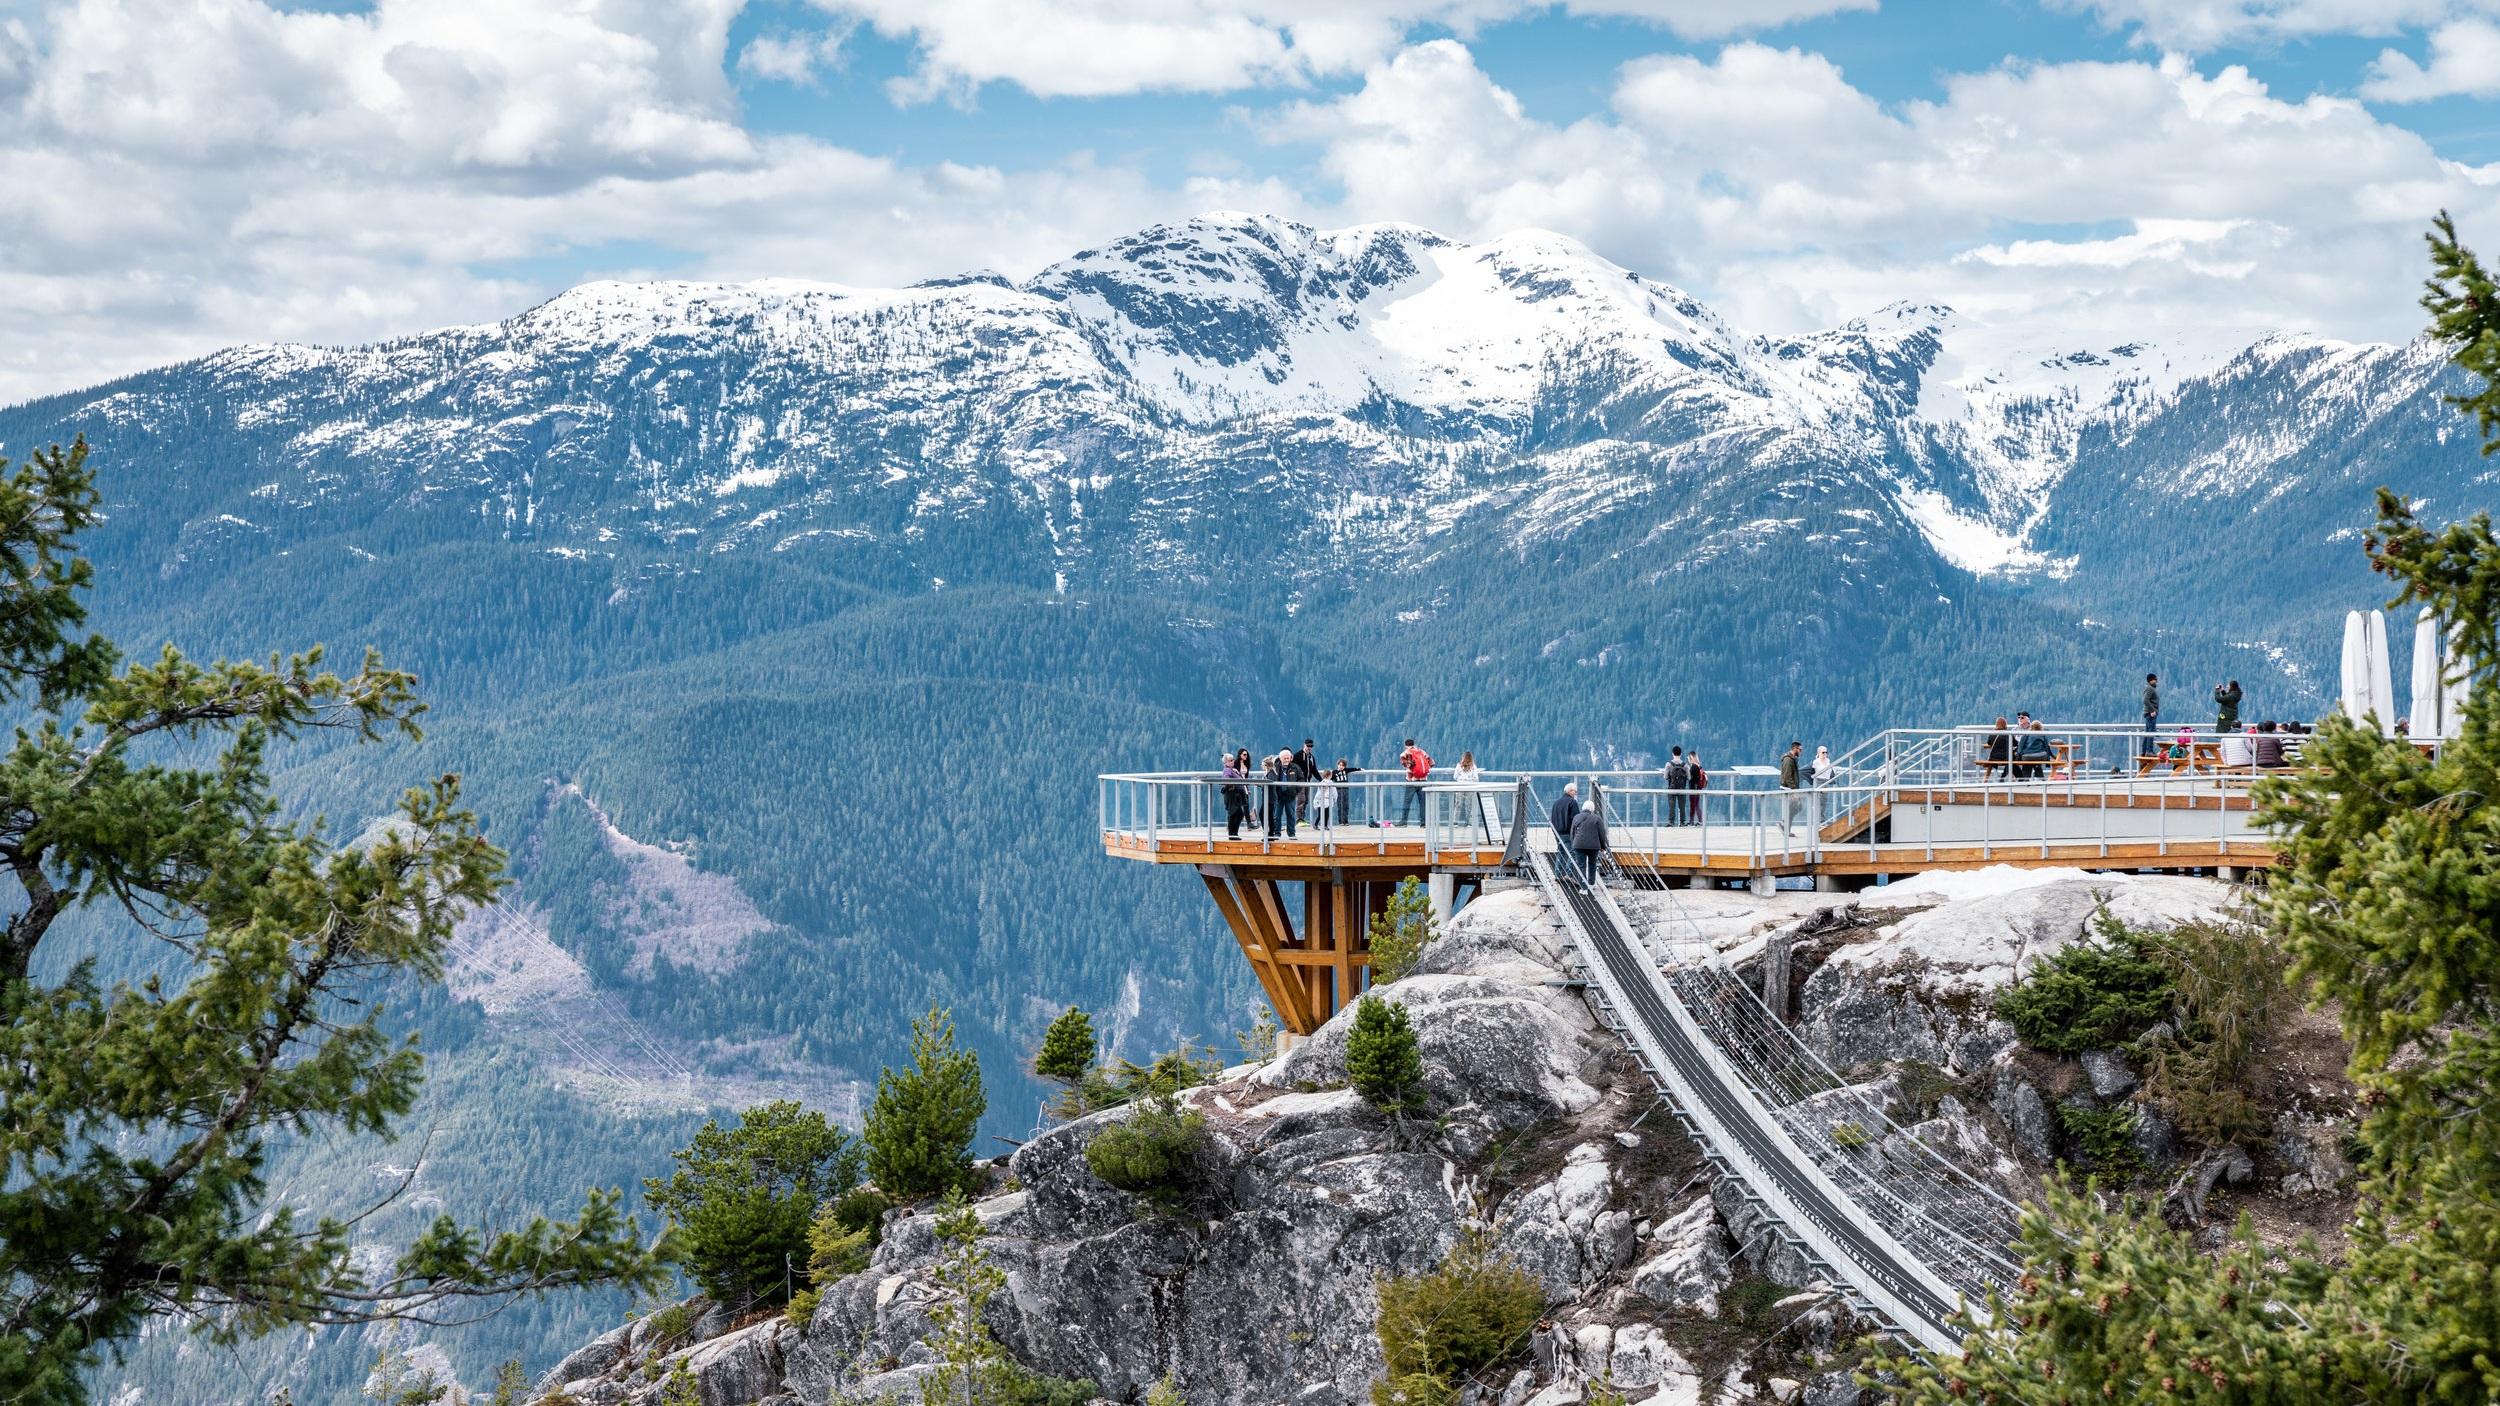 Whistler & Sea to Sky Gondola - En 10 utflykt på tio timmar som tar dig med till bergstoppar, vattenfall och en nervkittlande Sea to Sky Gondola. Upplev Whistlers toppar, Shannon Falls vattenfall och en häftig Gondola som ger dig makalös utsikt.